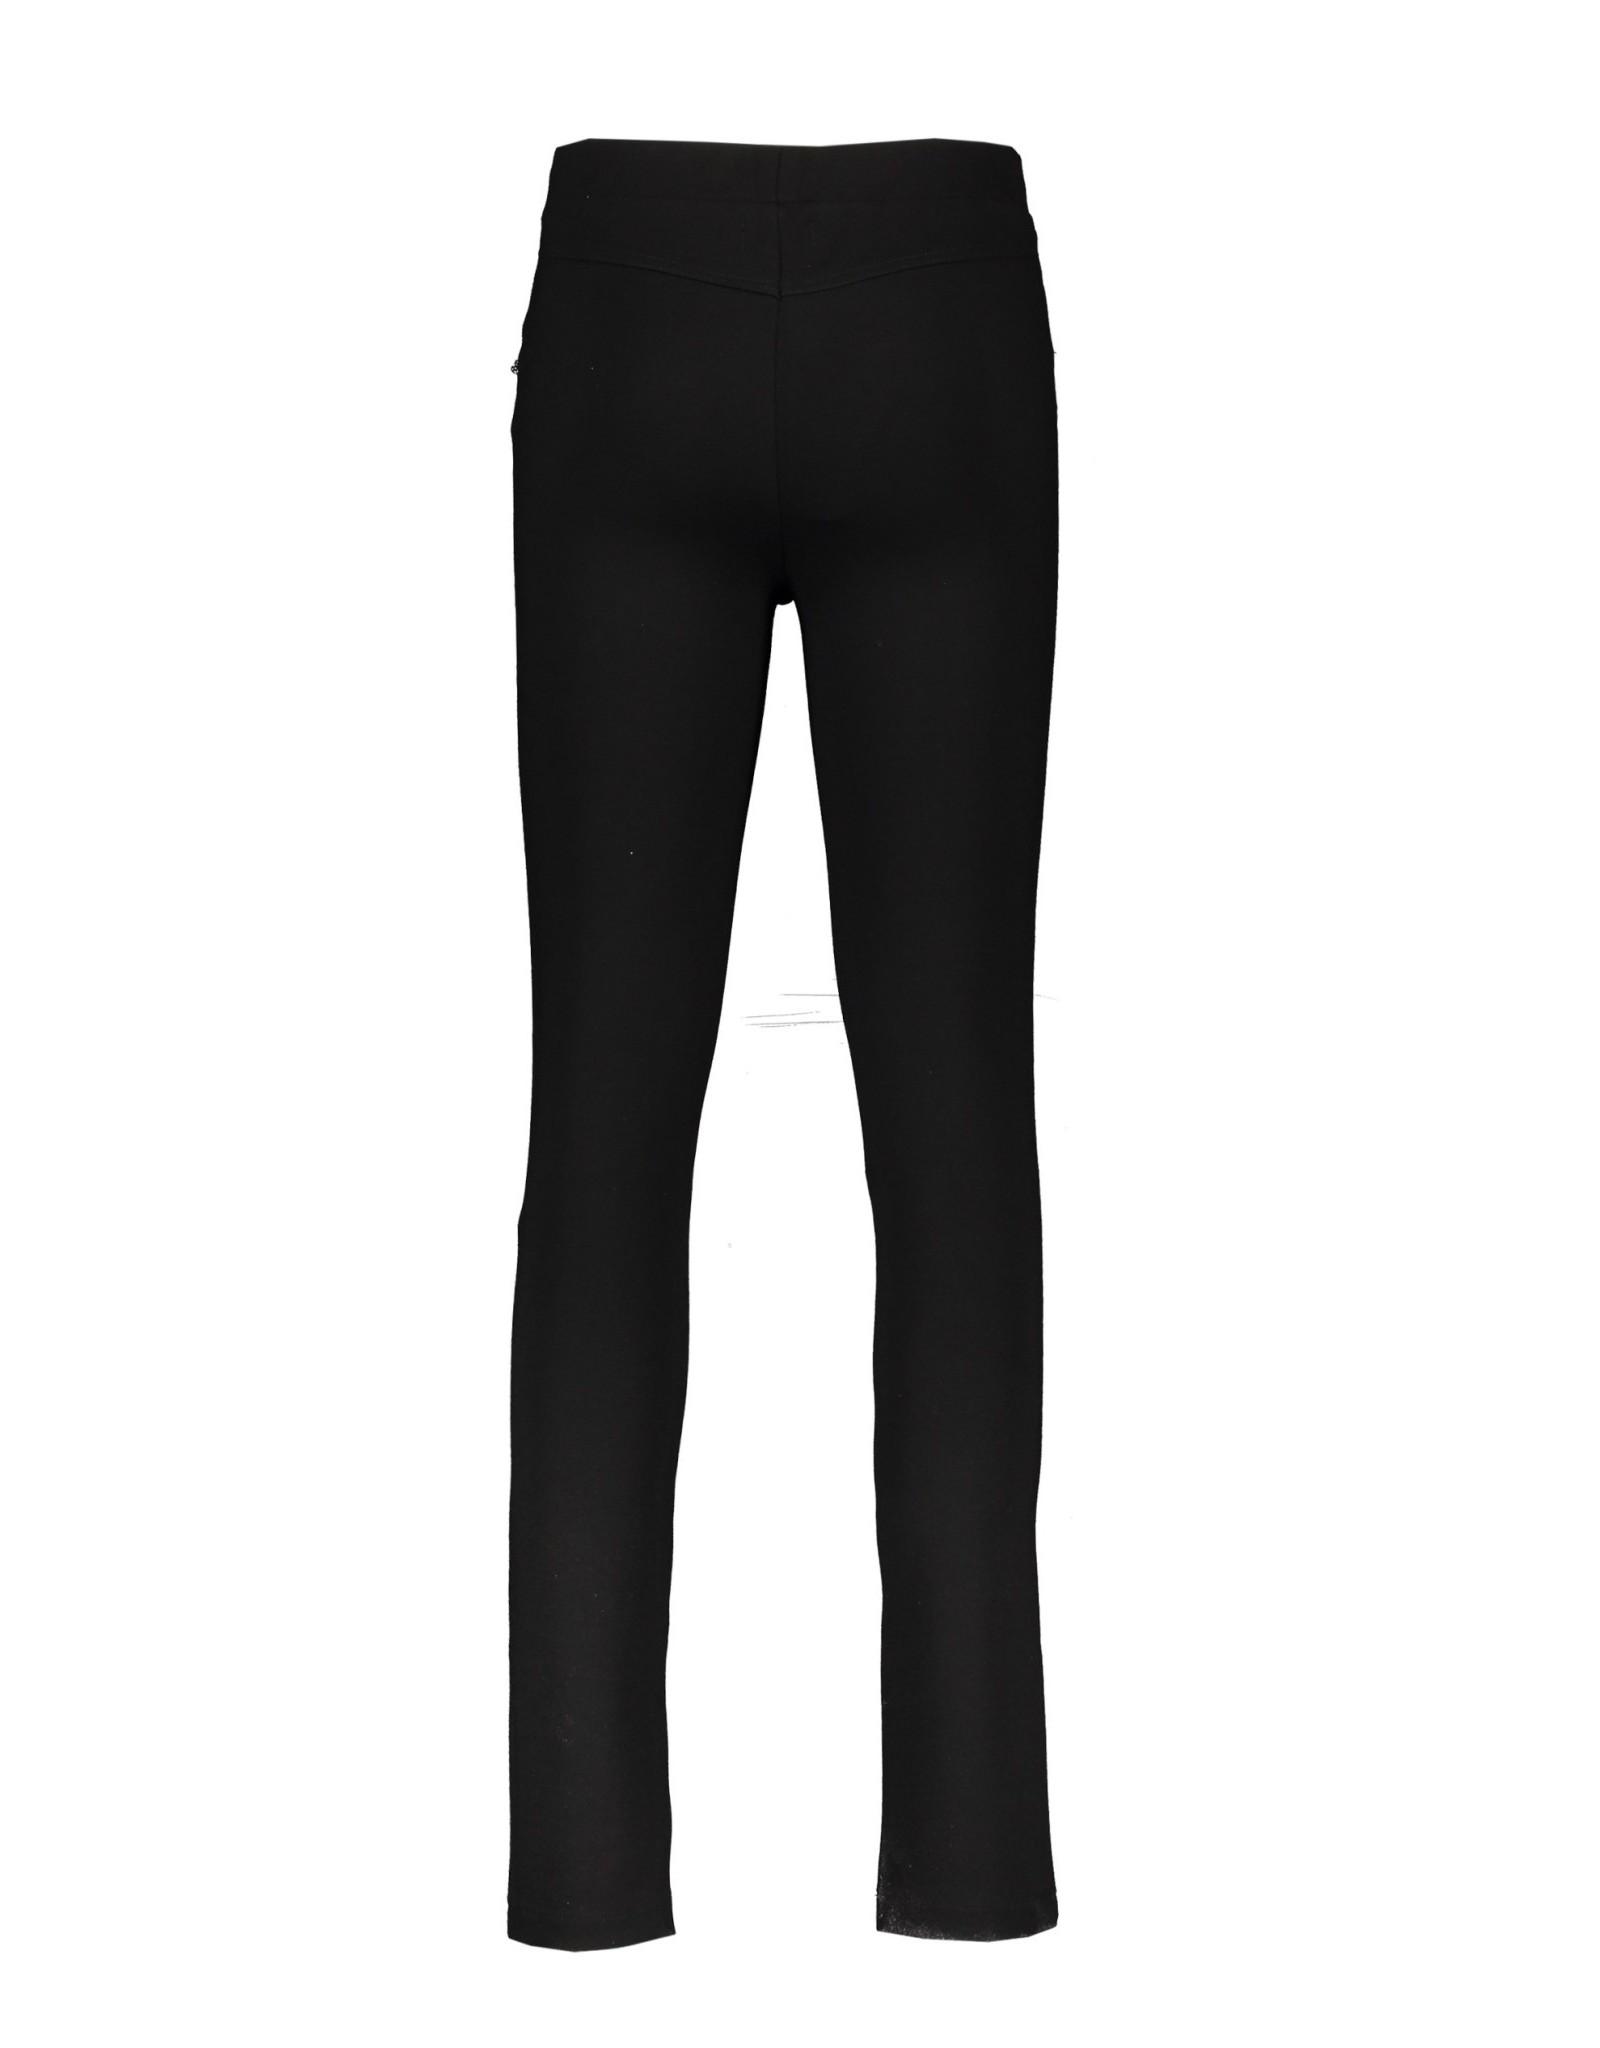 Elle Chic Elle Chic meiden legging sporty Black